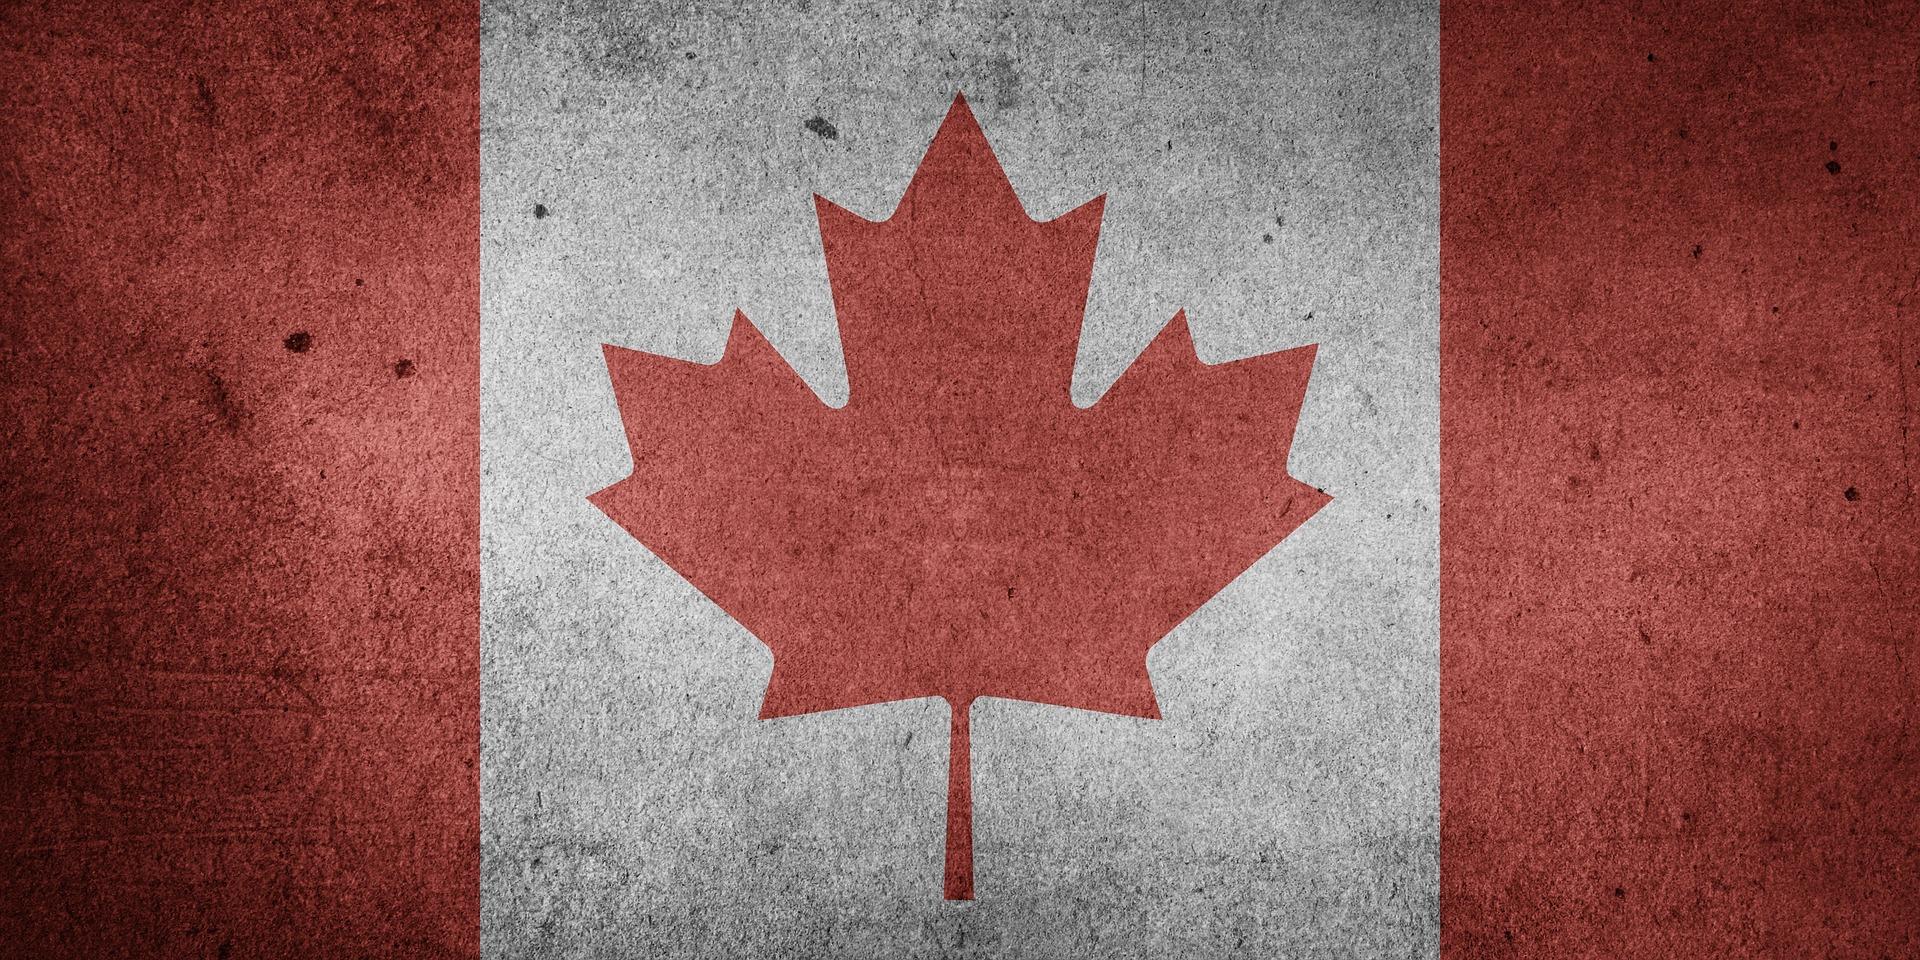 DALL'AUTORITA' PER LA PROTEZIONE DEI DATI DEI PAESI BASSI: Il Commissario Avvia Indagini Sugli Attacchi Informatici Contro L'Agenzia Delle Entrate Canadese E Altre Organizzazioni Federali